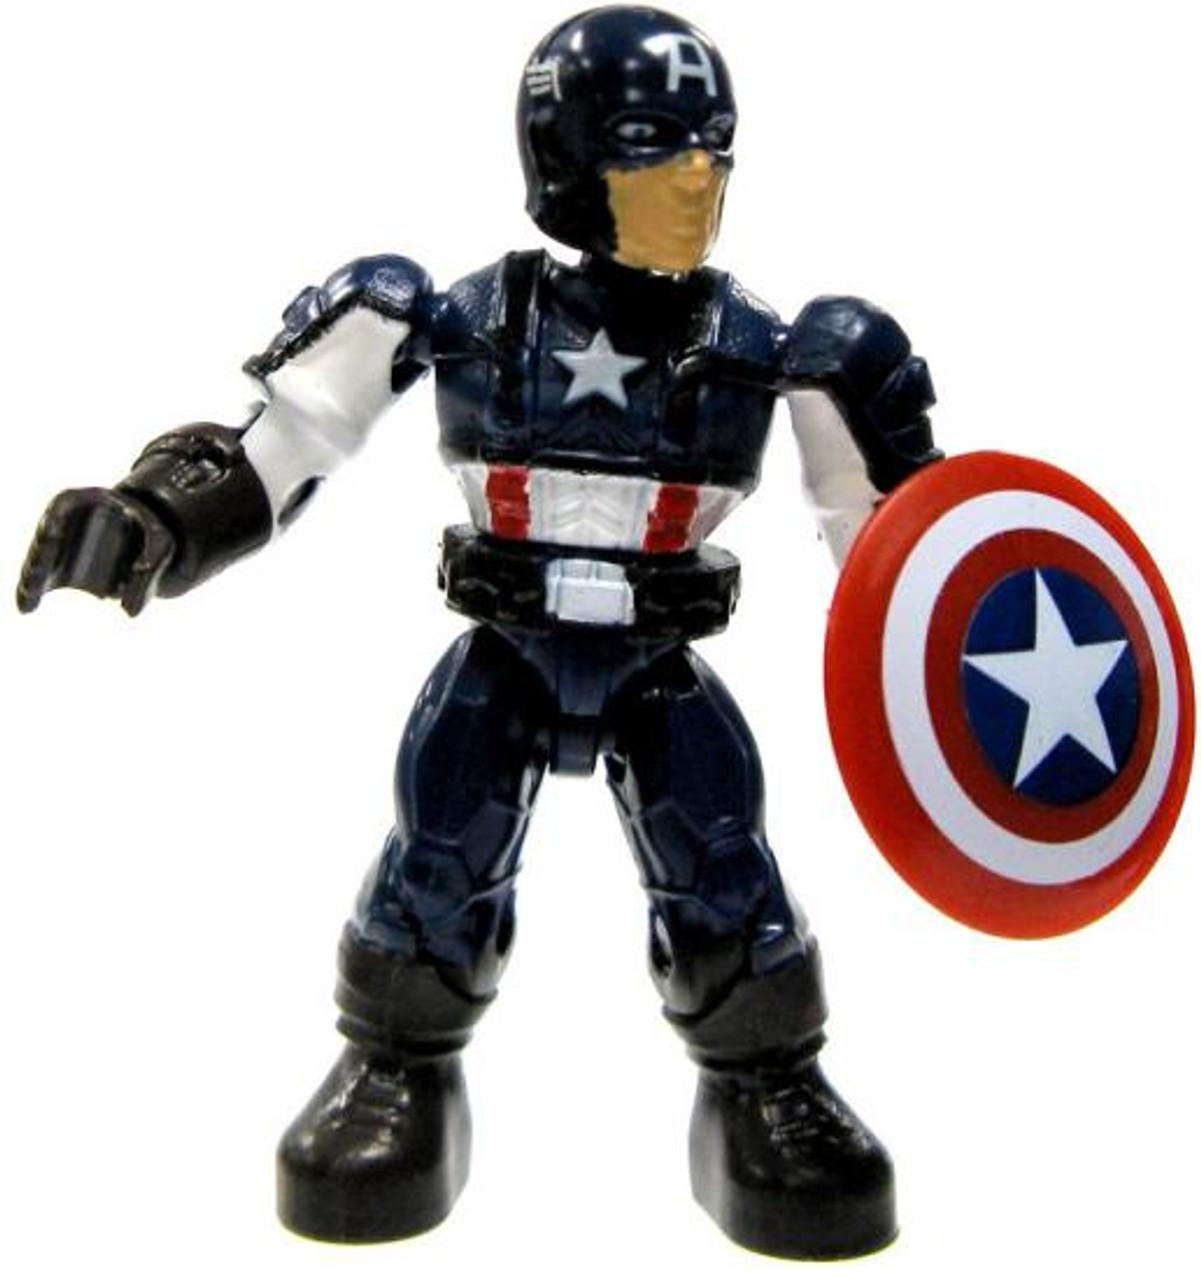 Mega Bloks Marvel Series 2 Captain America Common Minifigure [Loose]